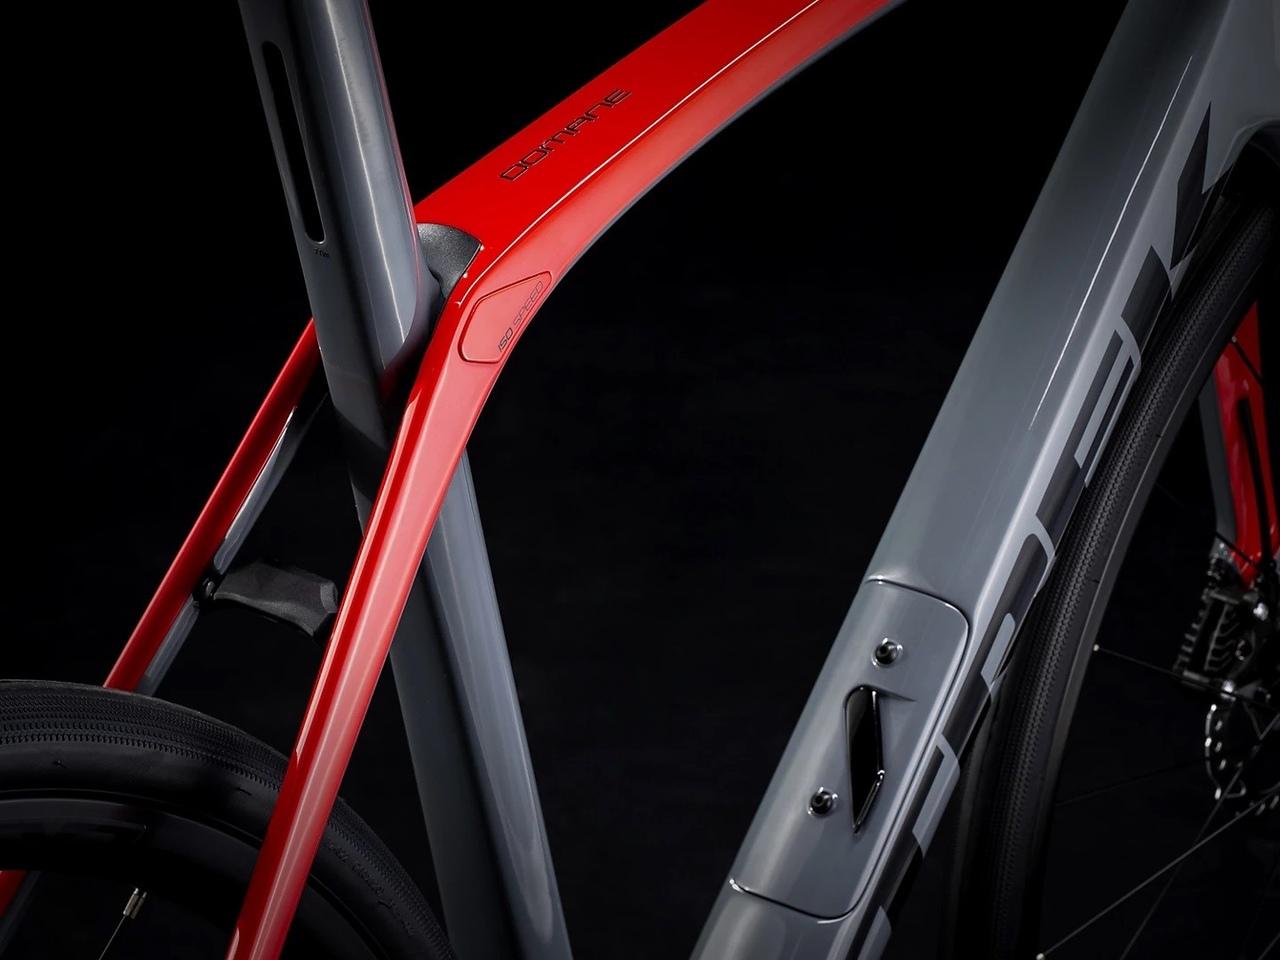 BICICLETA ROAD TREK DOMANE SL 4 A21 TAM.54 CNZ-VRM (585360)